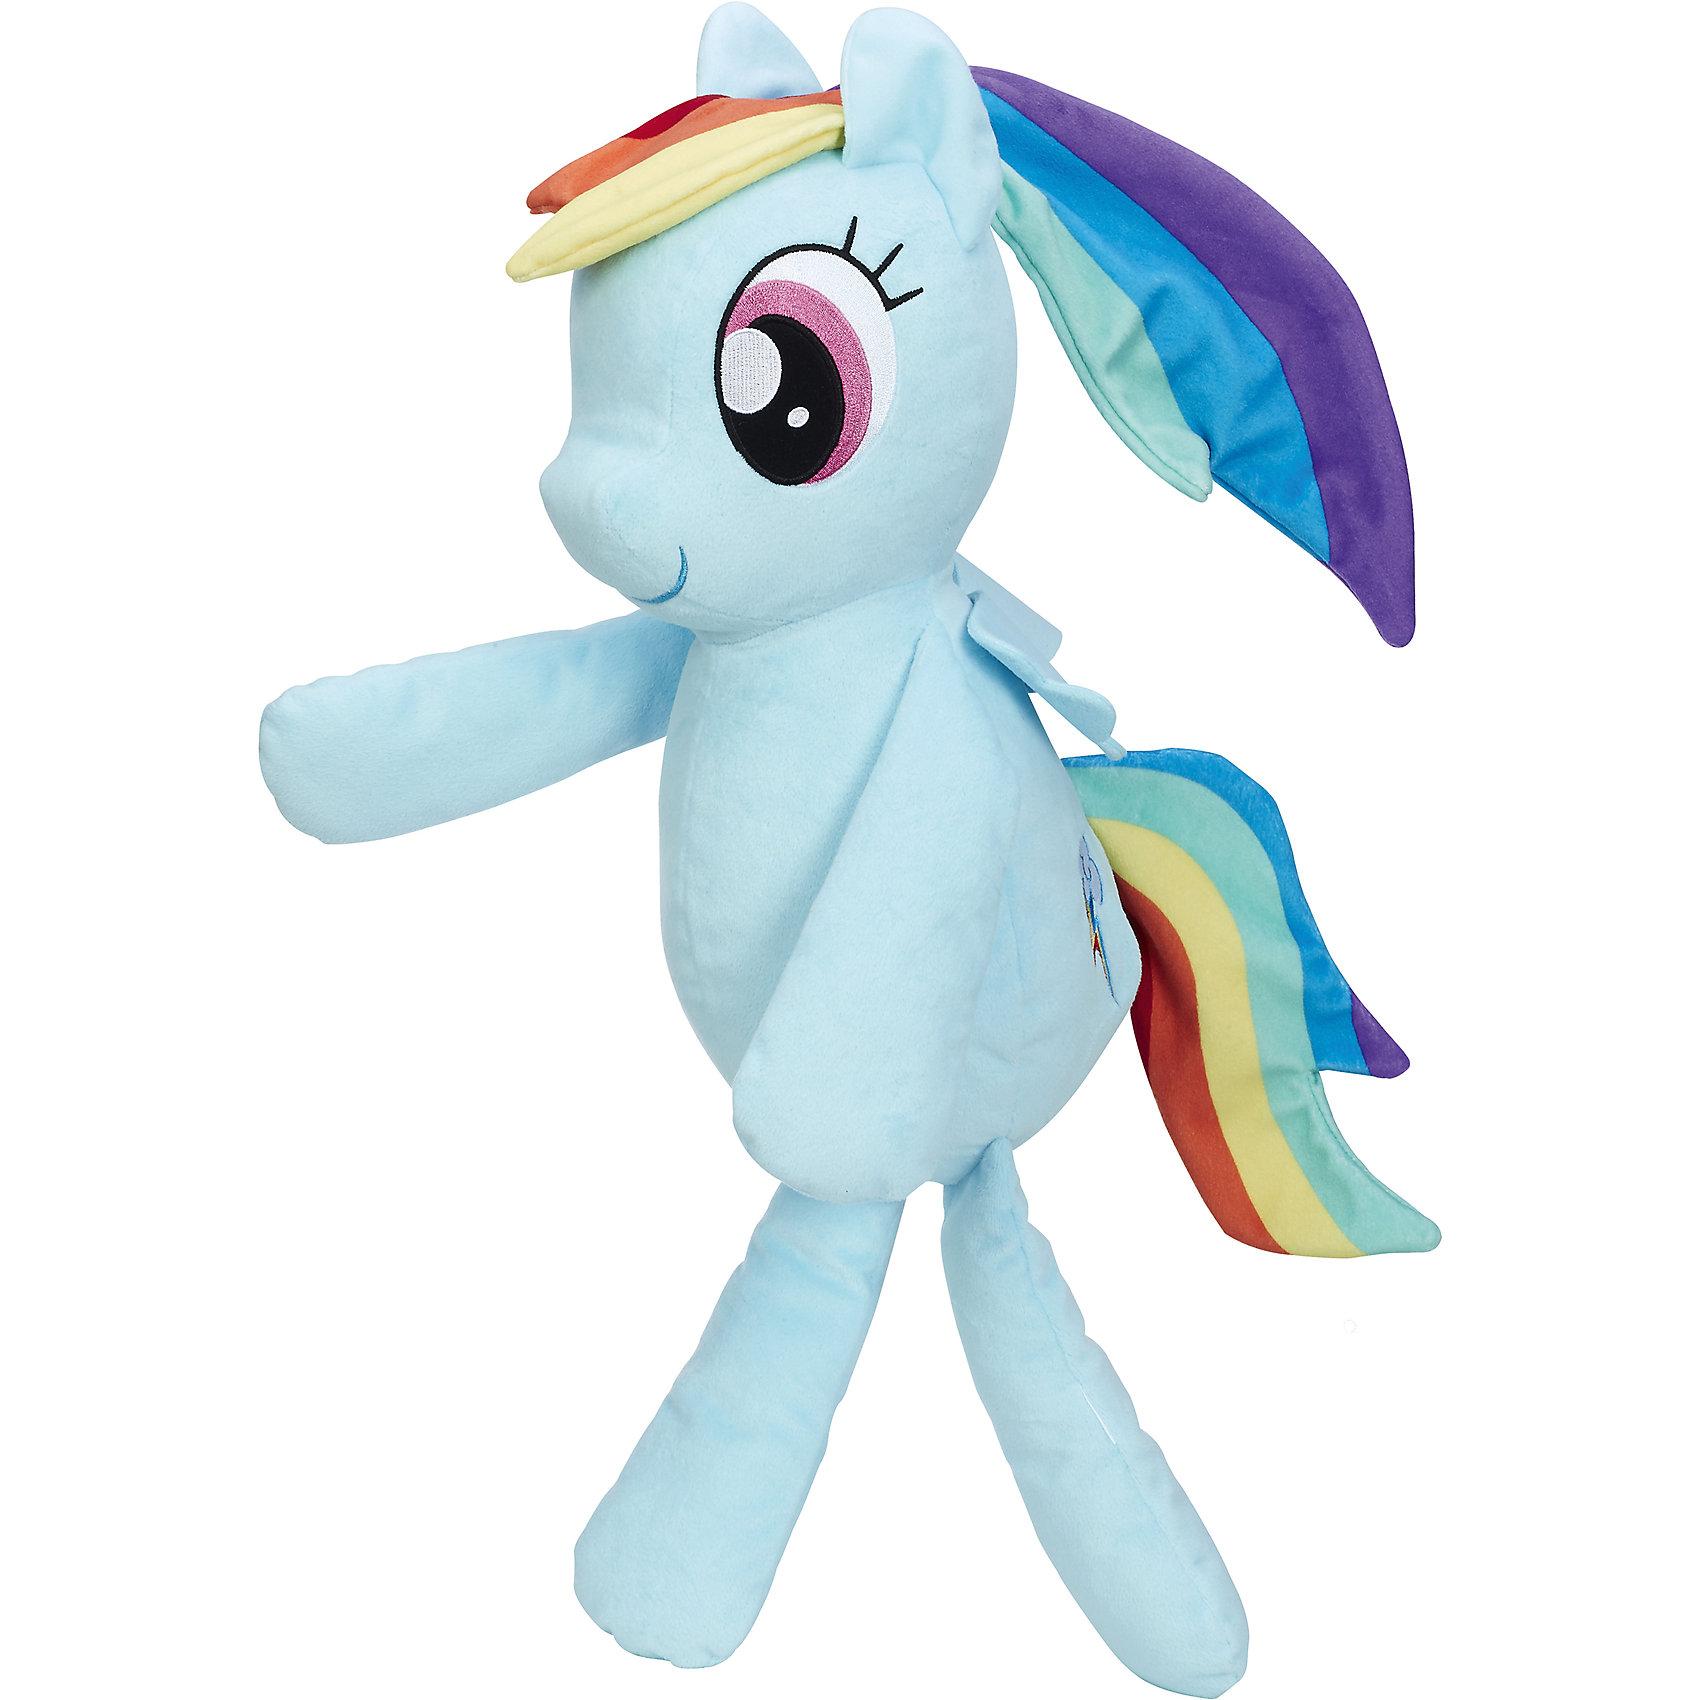 Плюшевые пони для обнимашек, B9822/C0122, My little Pony, HasbroЛюбимые герои<br><br><br>Ширина мм: 203<br>Глубина мм: 152<br>Высота мм: 305<br>Вес г: 289<br>Возраст от месяцев: 36<br>Возраст до месяцев: 2147483647<br>Пол: Женский<br>Возраст: Детский<br>SKU: 6861724